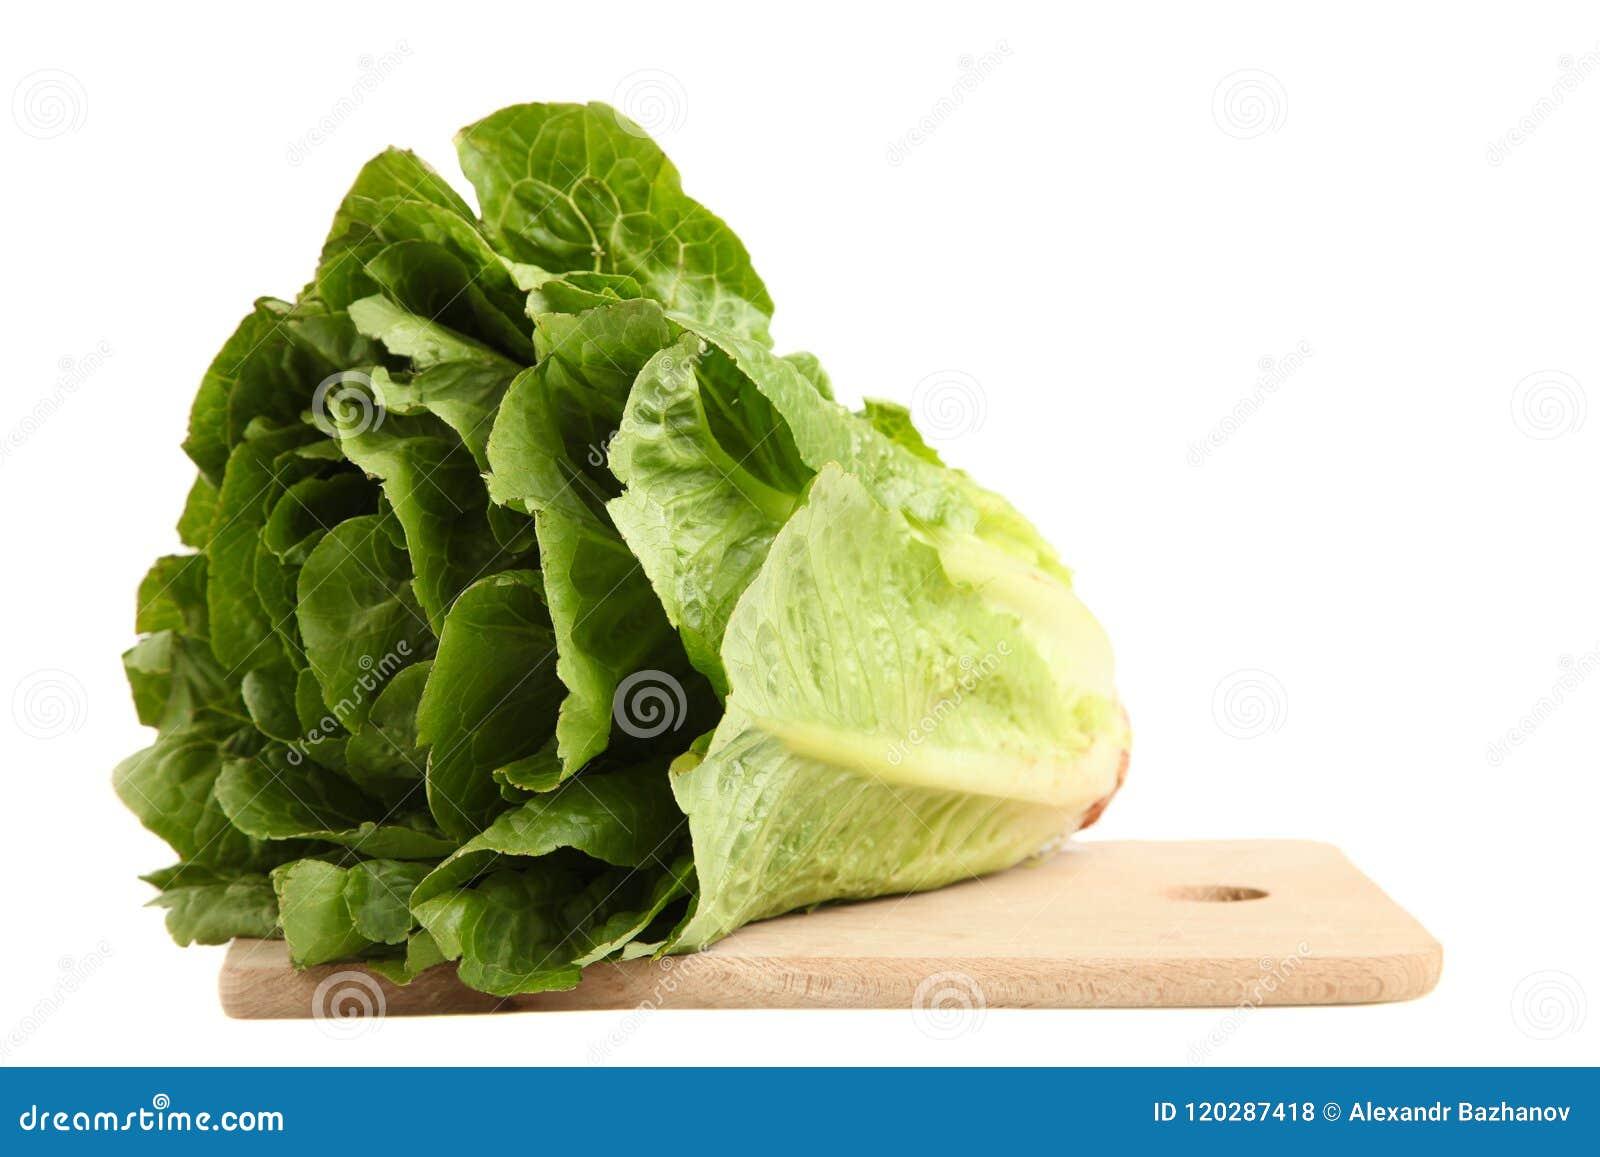 Grüne Kopfsalatsommerendivie